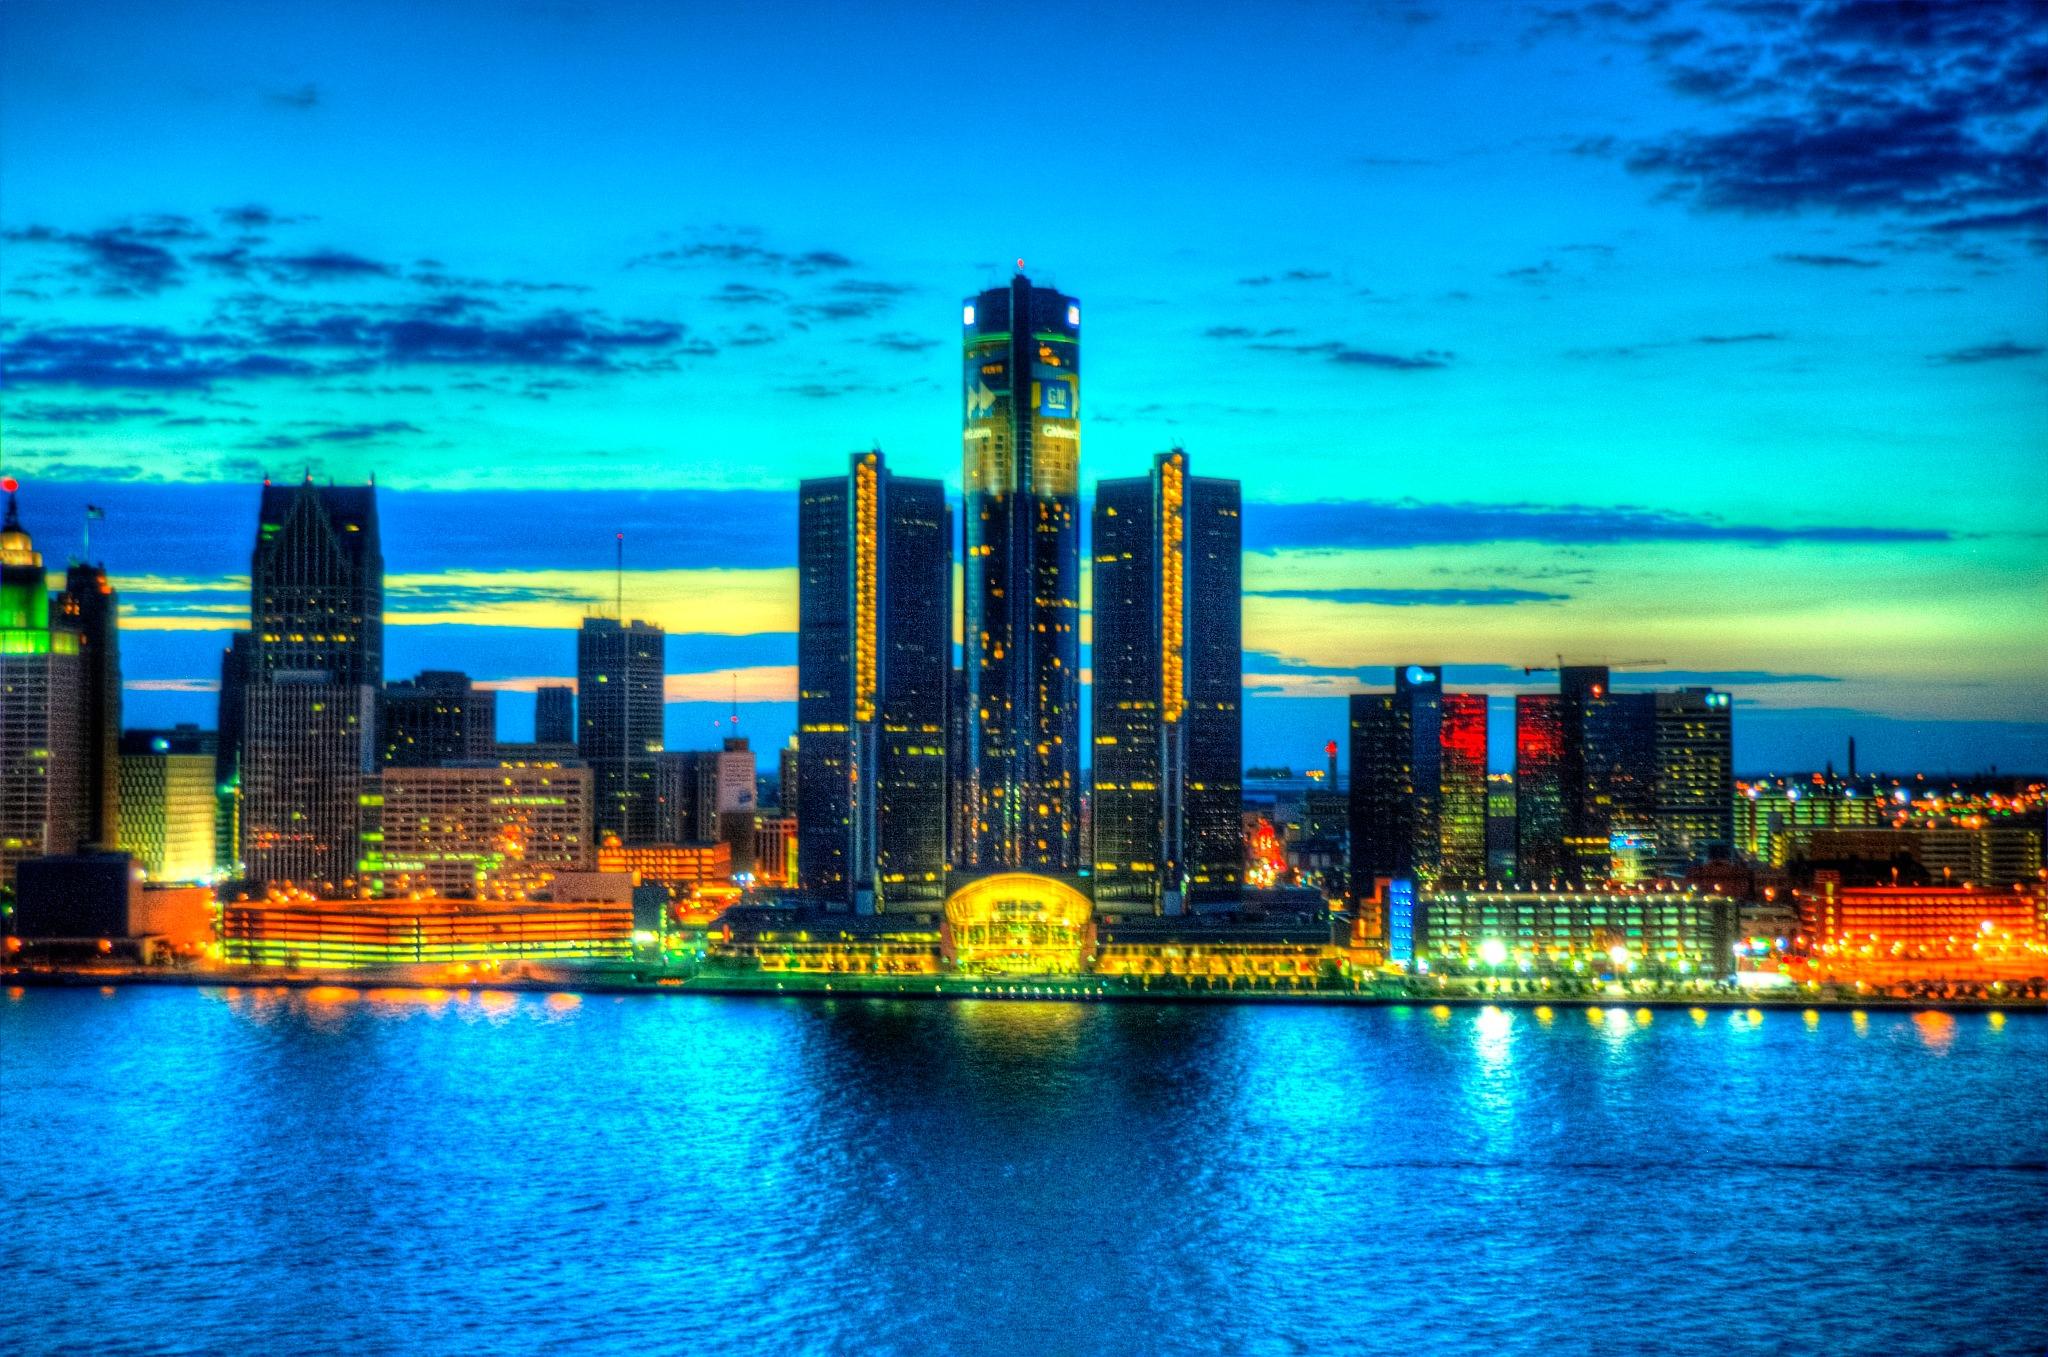 July Evening In Downtown Detroit by Paul Deveau